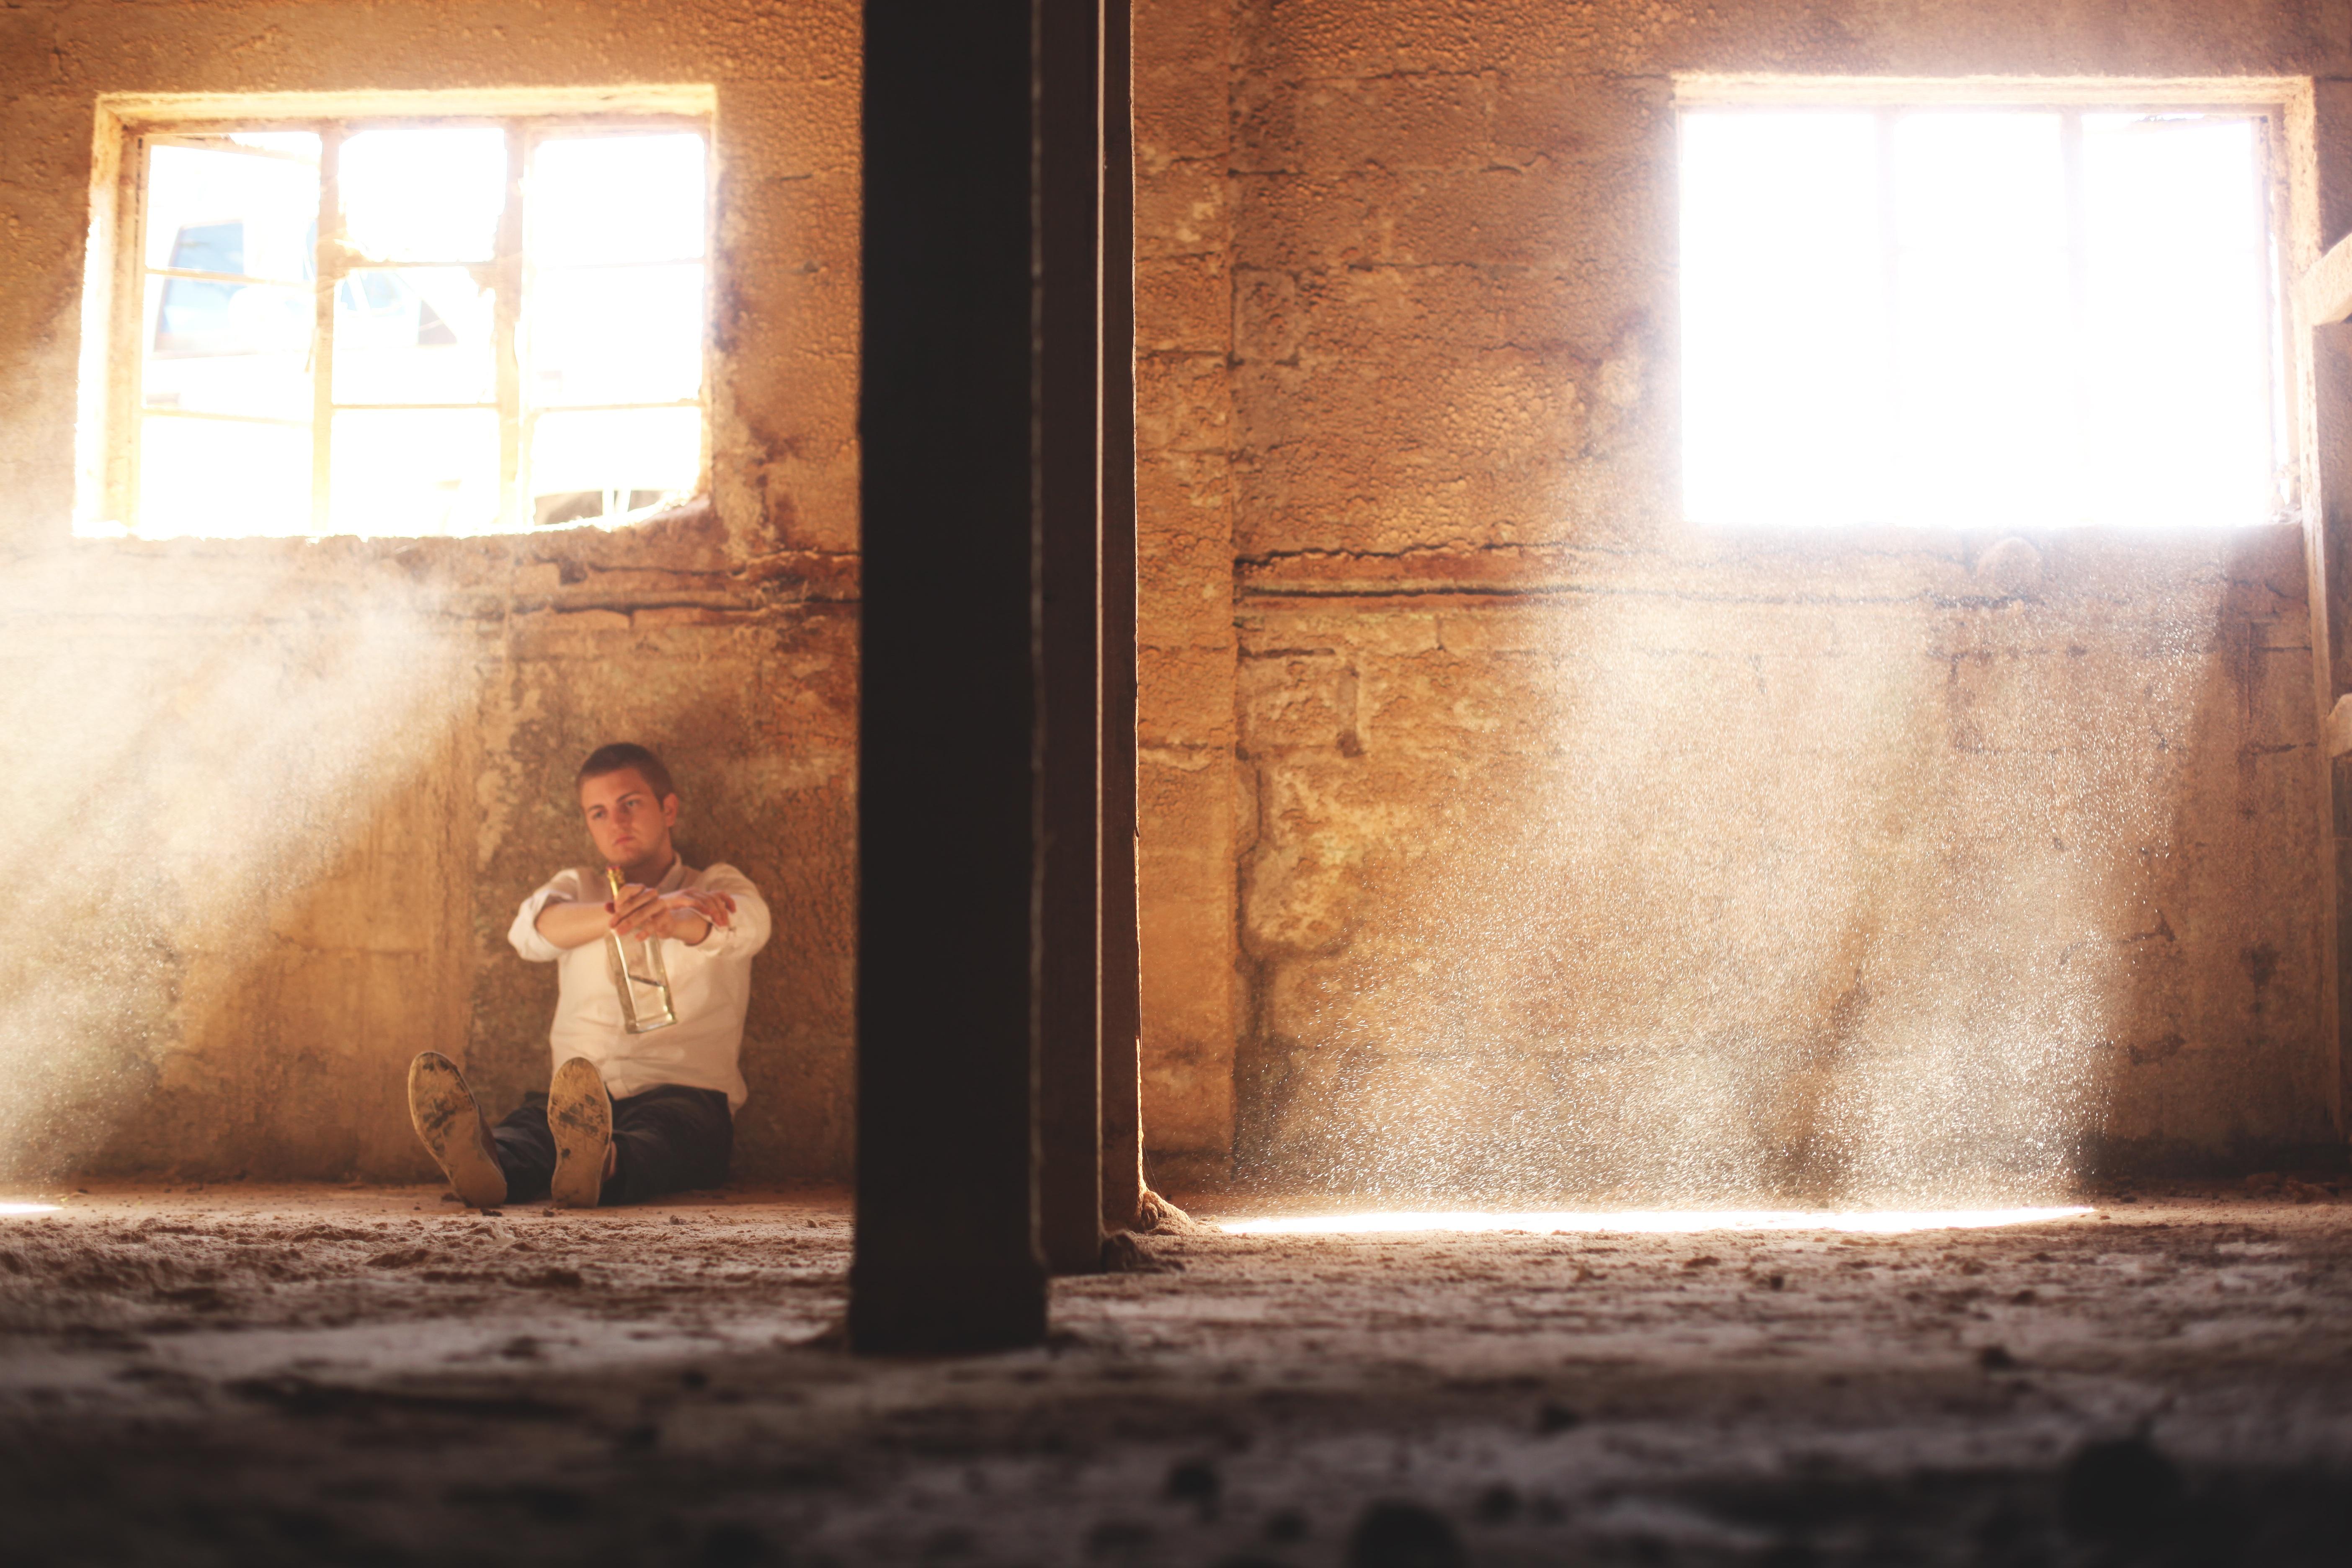 Industrial Dust Free Room